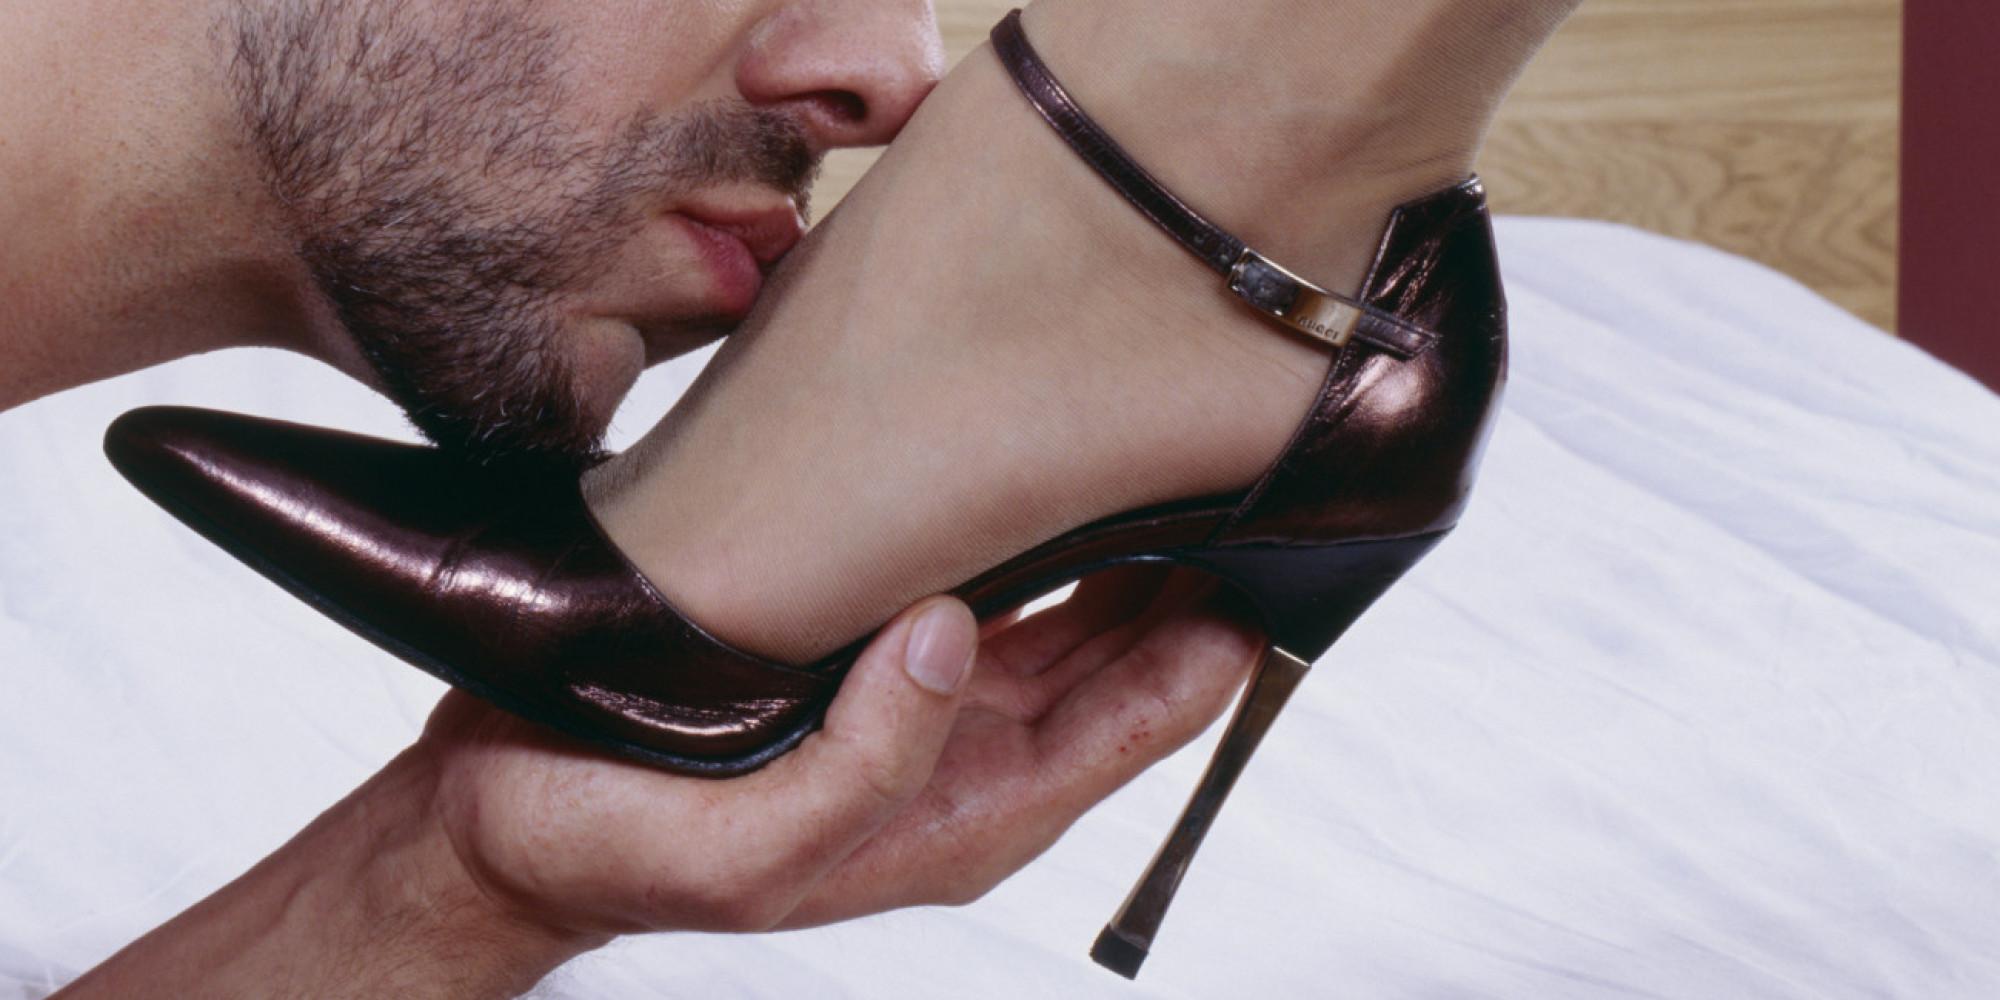 las fantasías sexuales y fetiches con los zapatos altos